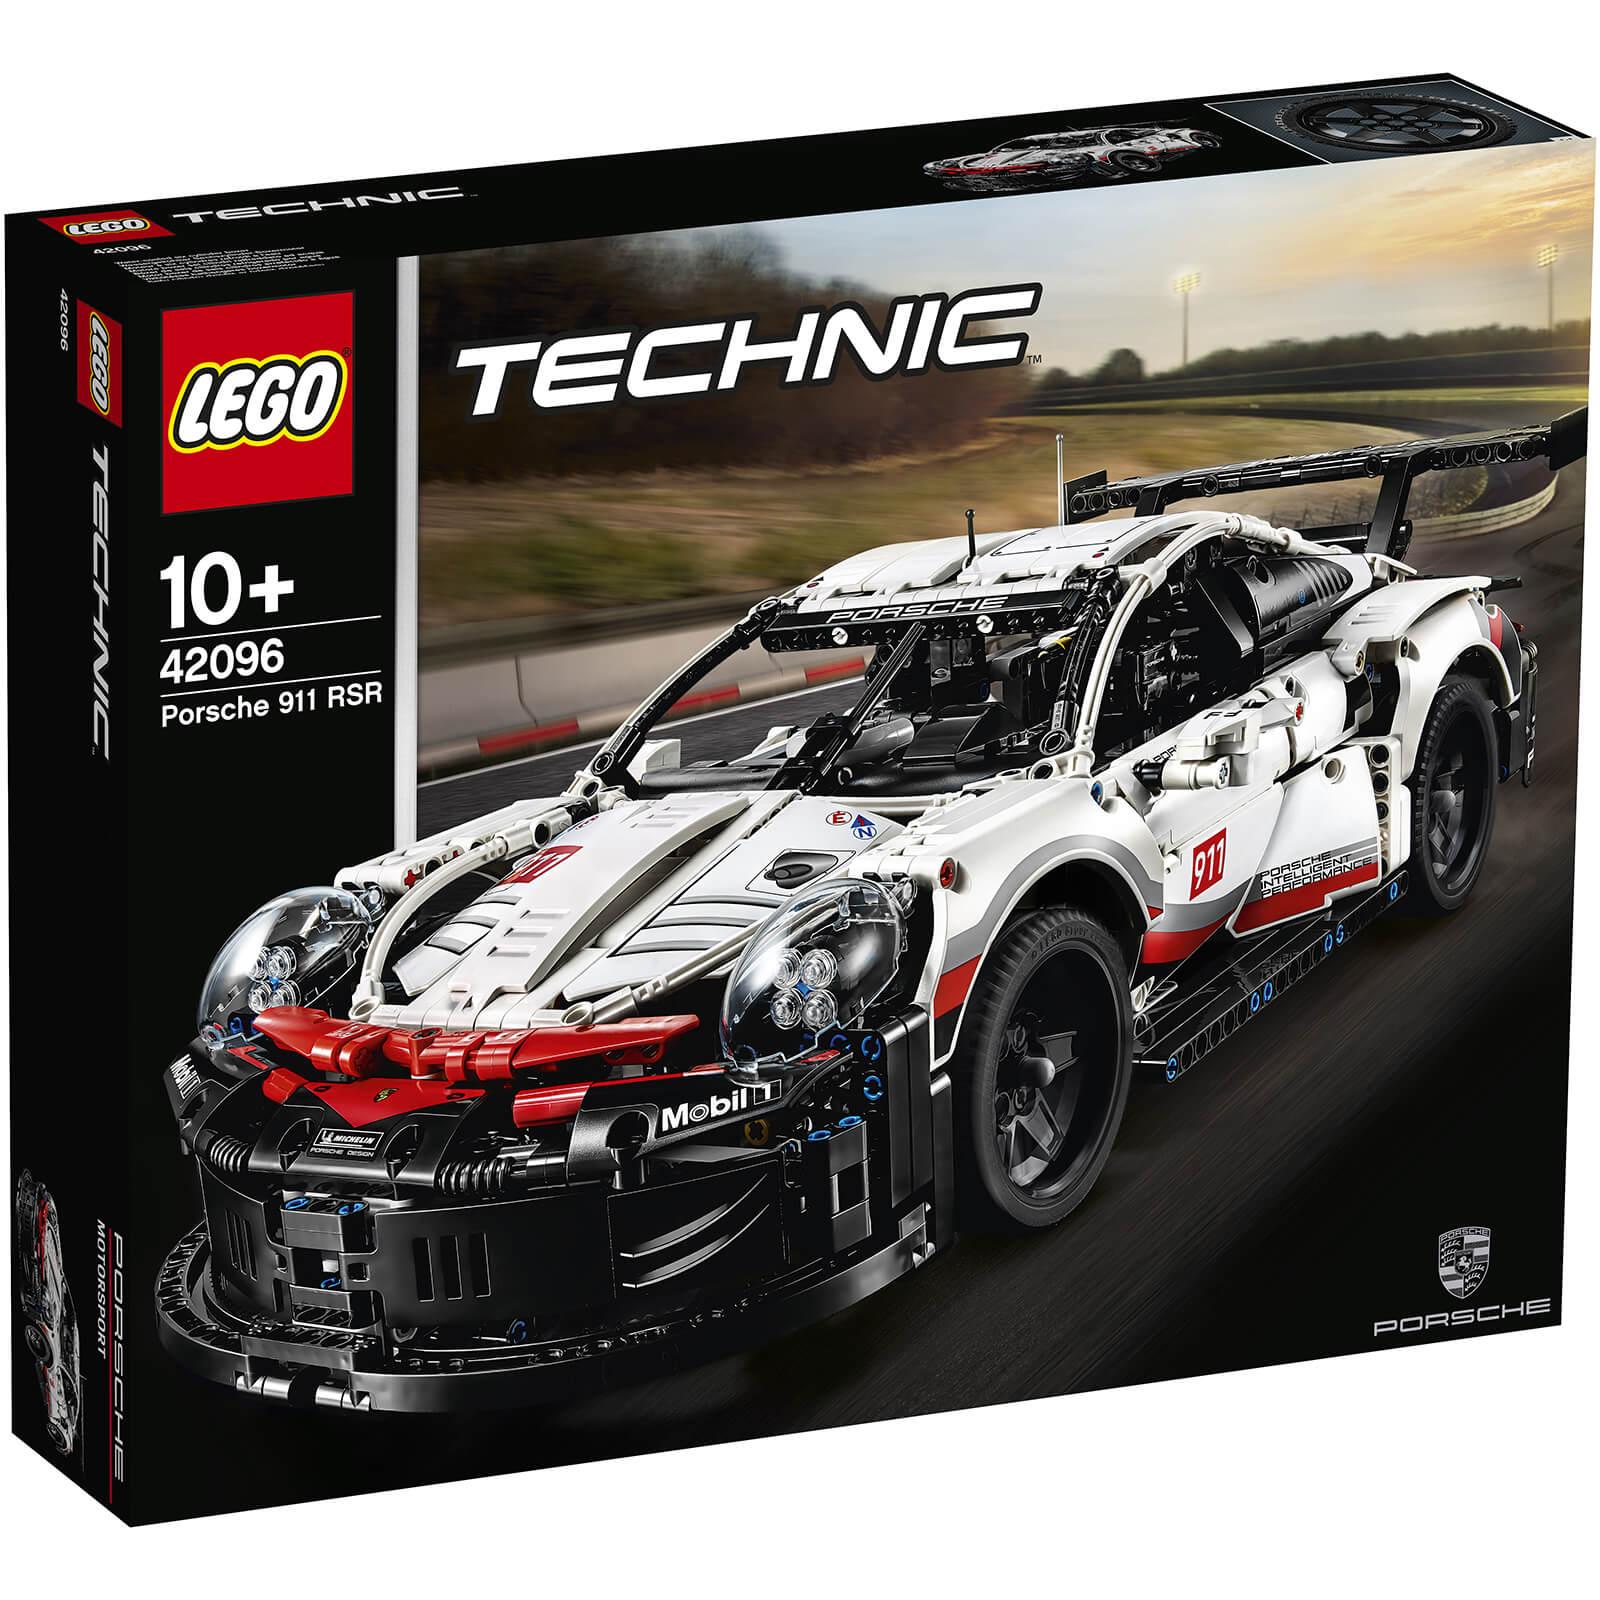 Lego Technic Porsche 911 Rsr 42096 Toys Thehutcom